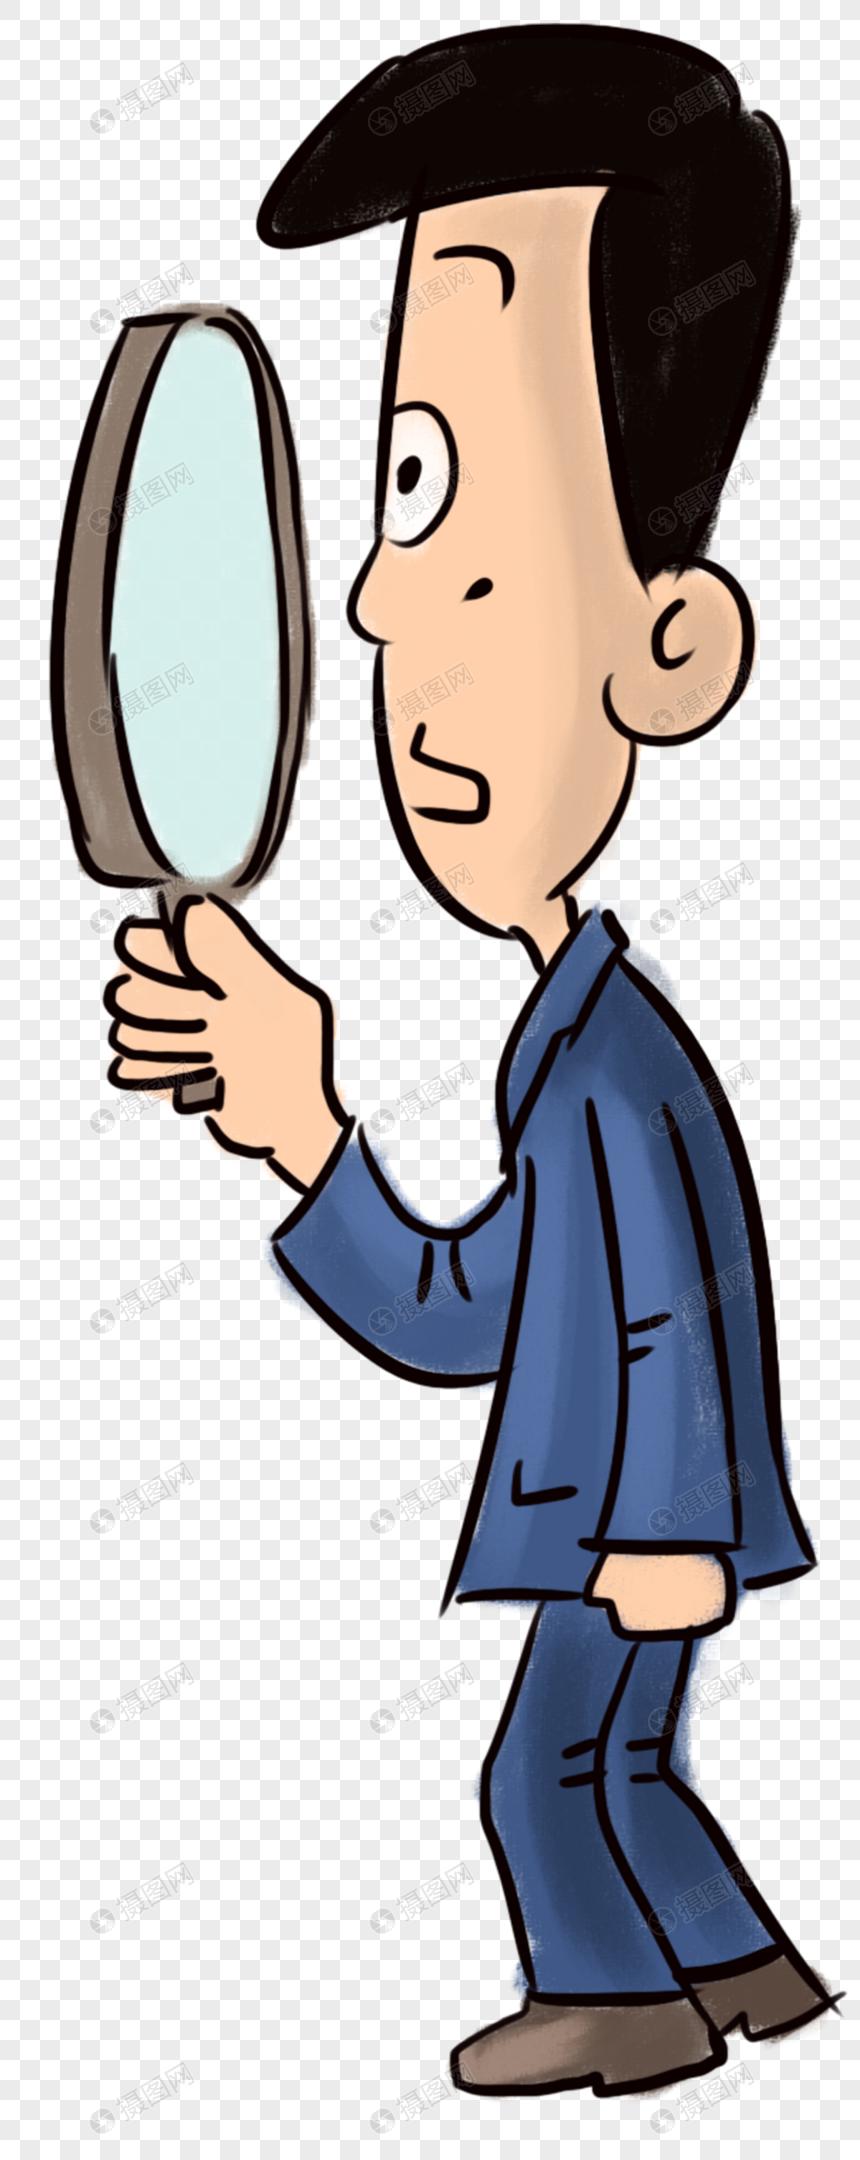 手持放大鏡的人 png